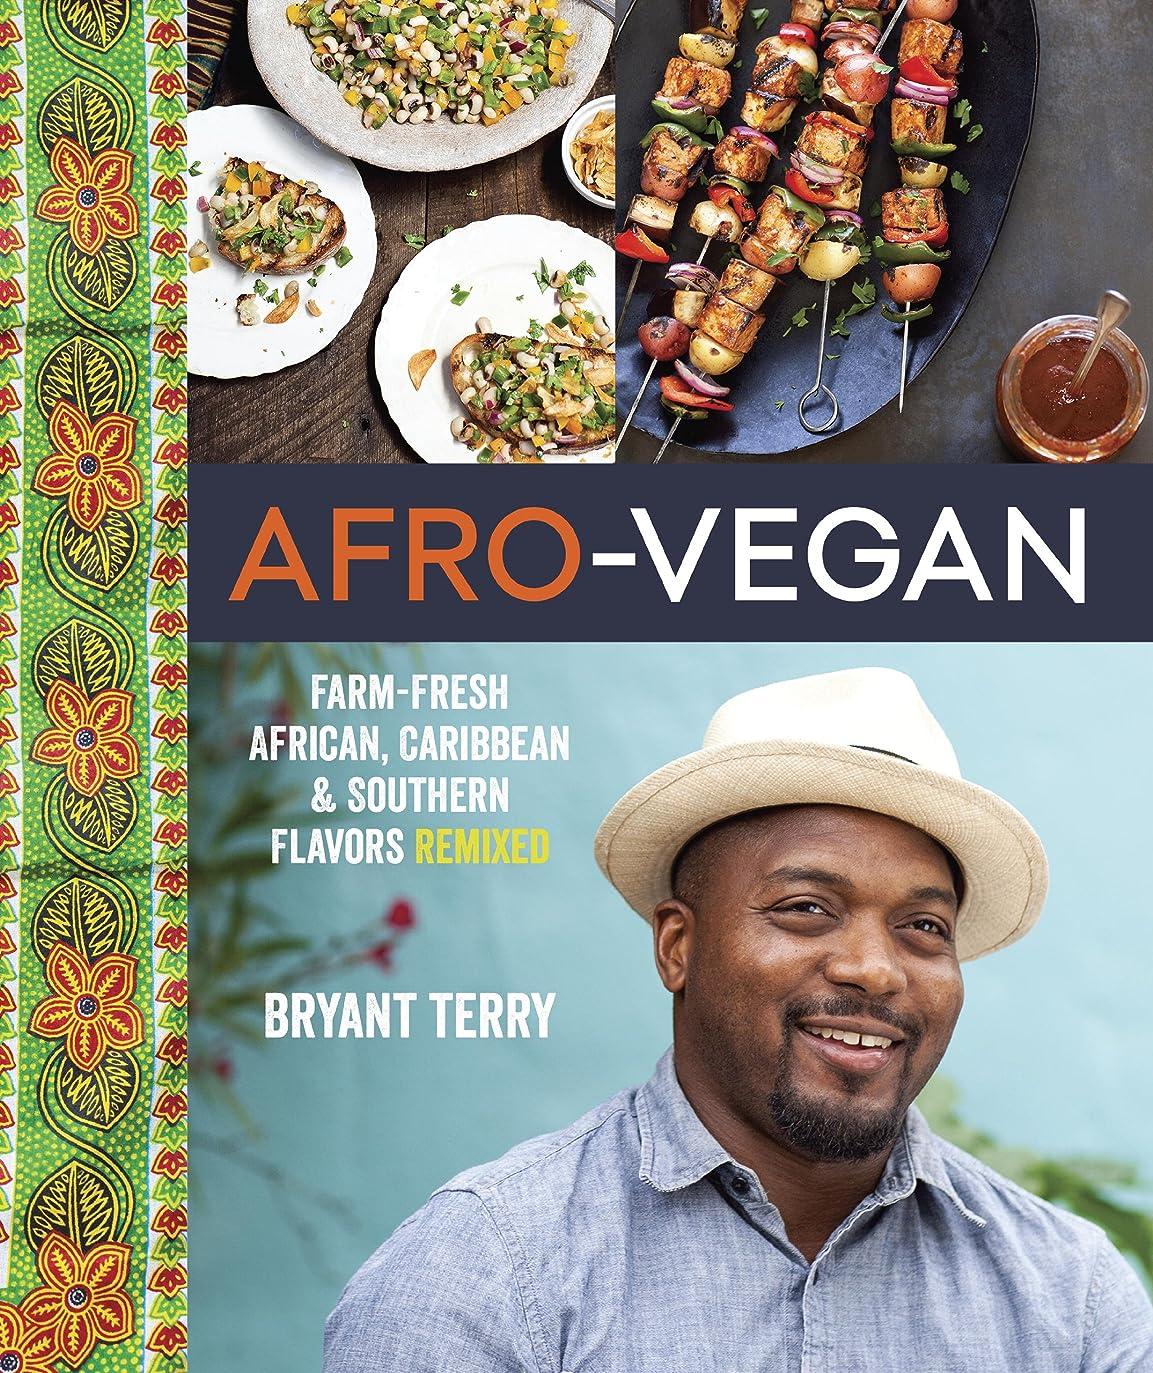 離れた怠惰症候群Afro-Vegan: Farm-Fresh African, Caribbean, and Southern Flavors Remixed [A Cookbook] (English Edition)